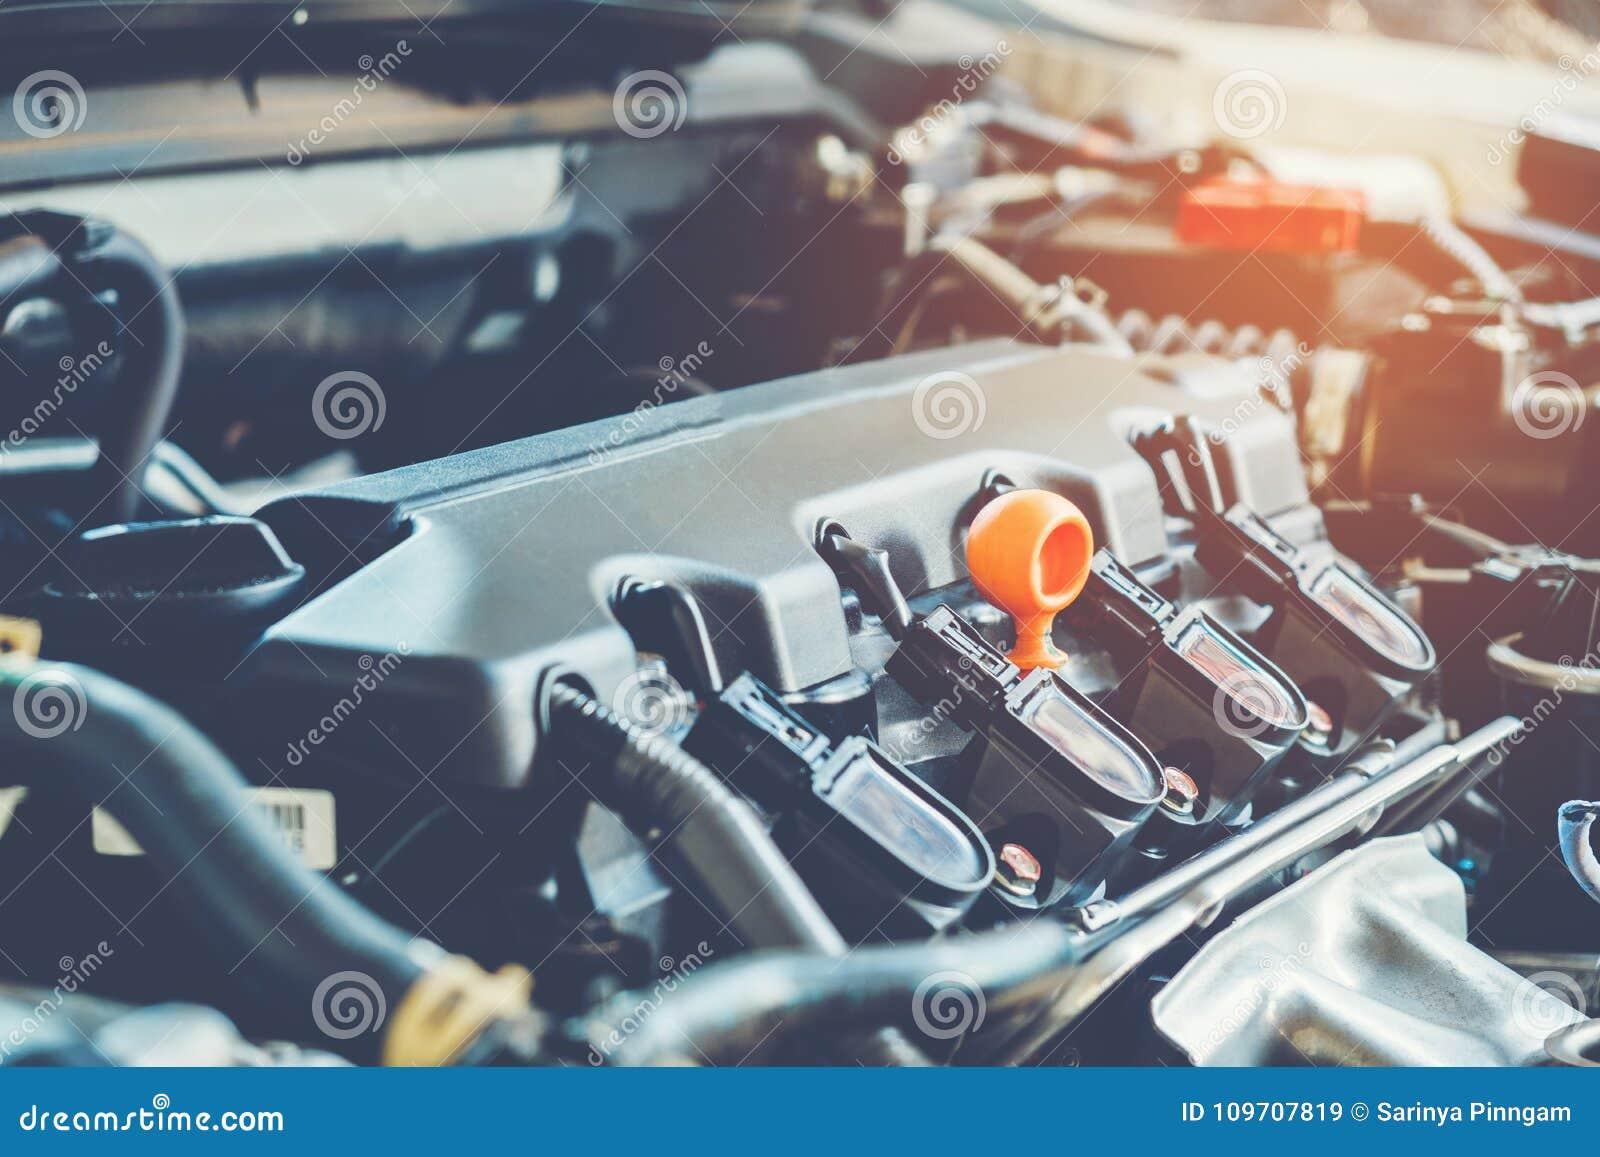 Serviço de reparação de automóveis do mecânico de carro